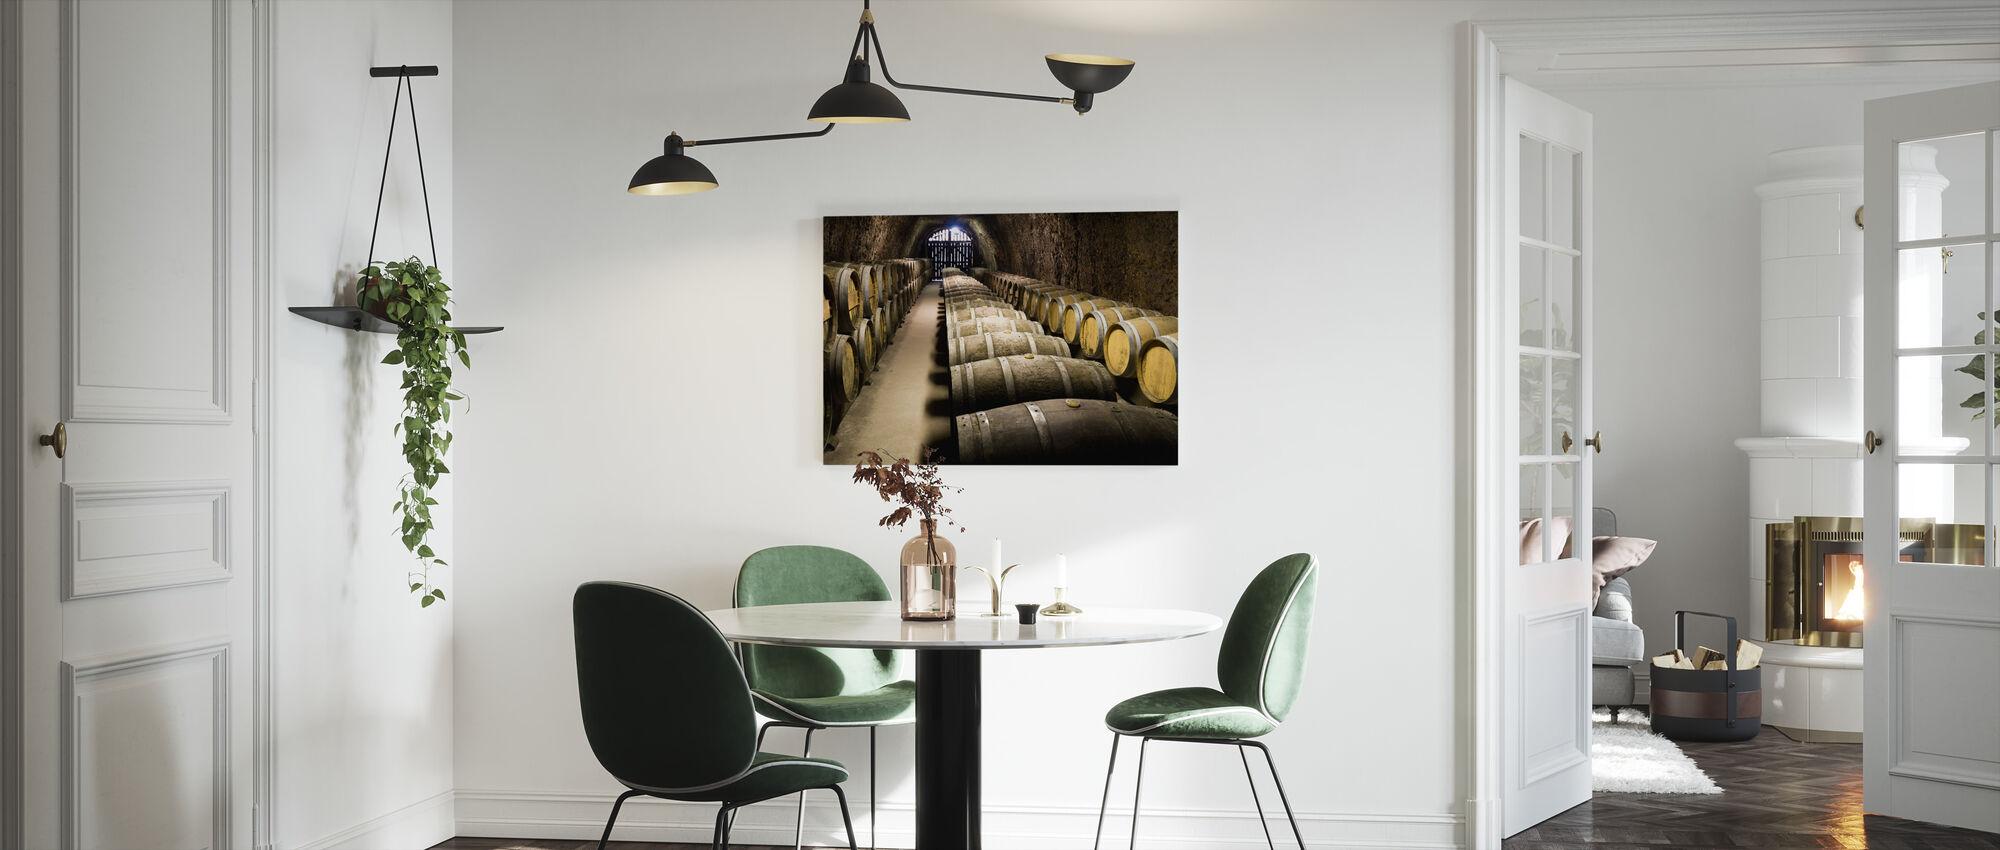 Barrels in Storage - Canvas print - Kitchen